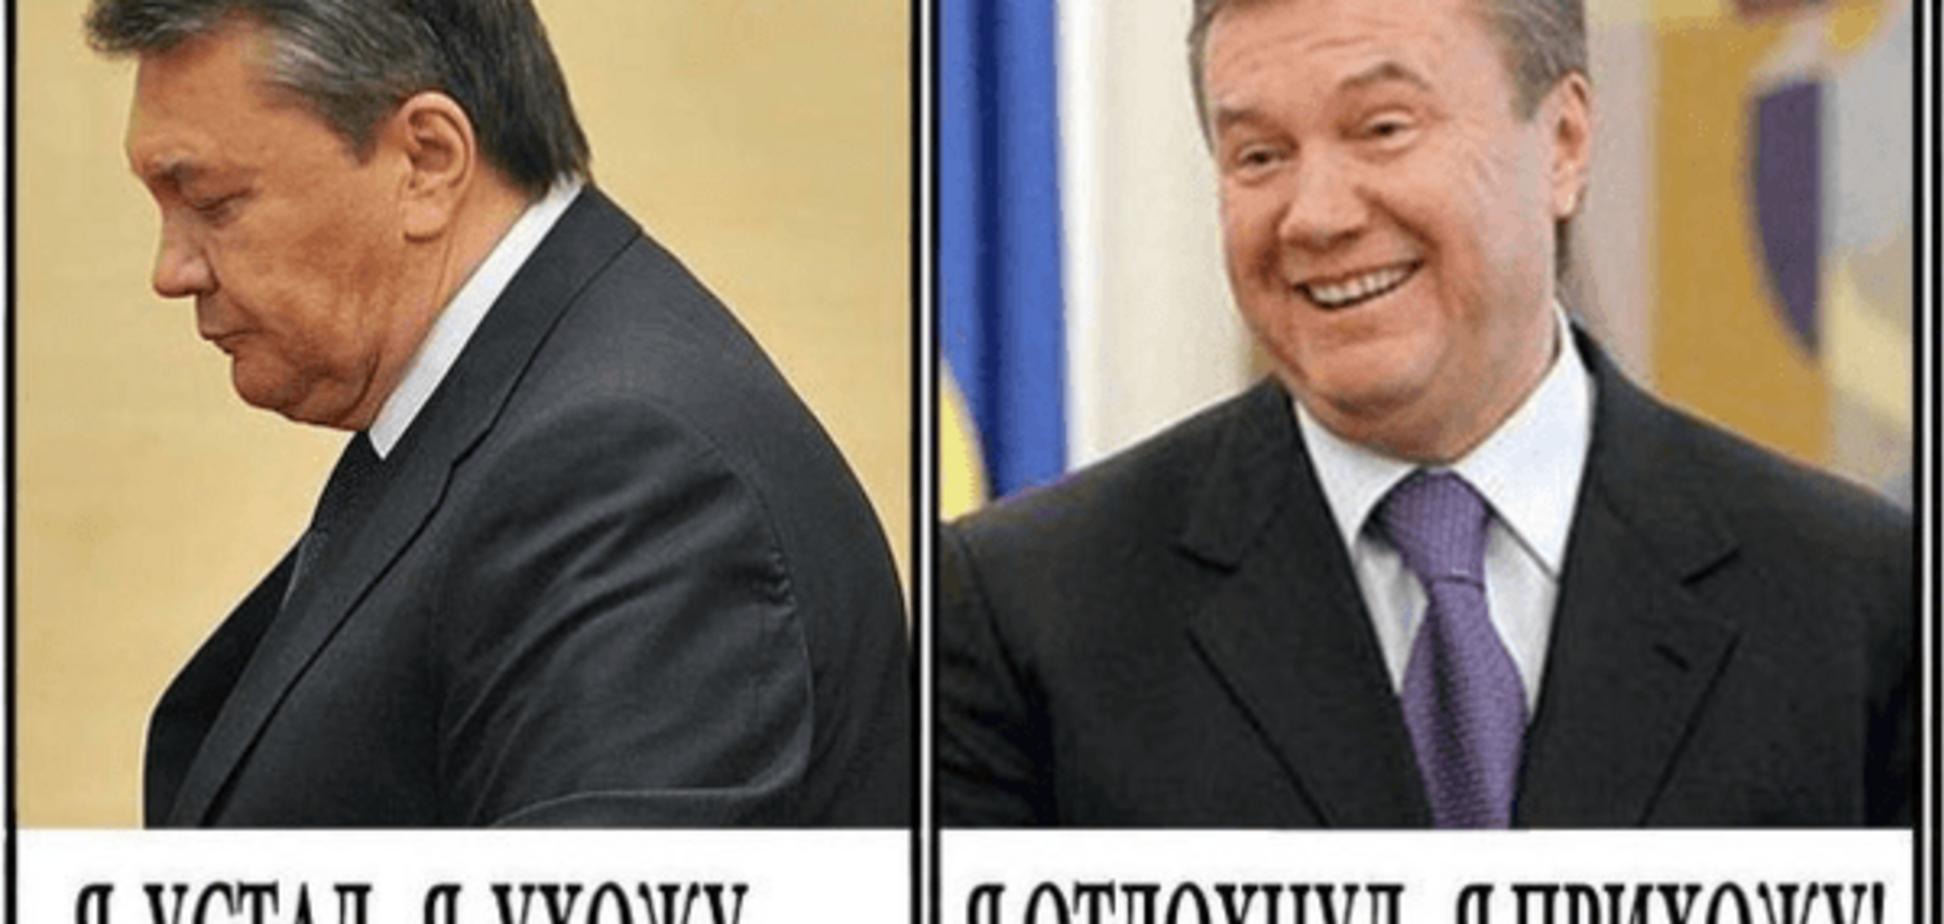 Я відпочив, я приходжу: мережа вибухнула жартами про повернення Януковича